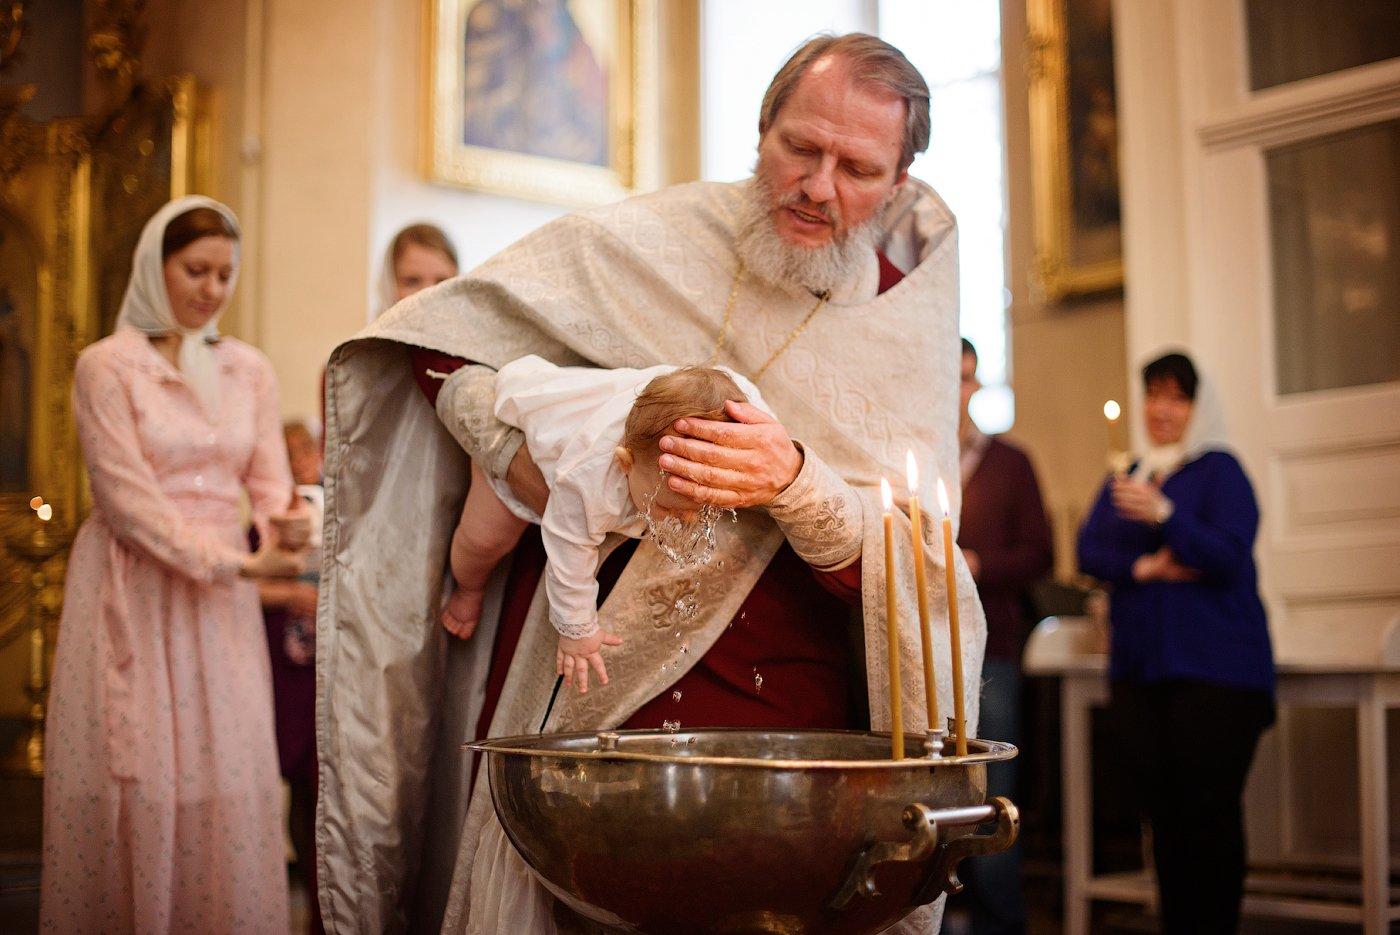 крещение, фотограф на крещение спб, таинство крещения, фотограф спб, церковь, таинство, Юлия Полуэктова